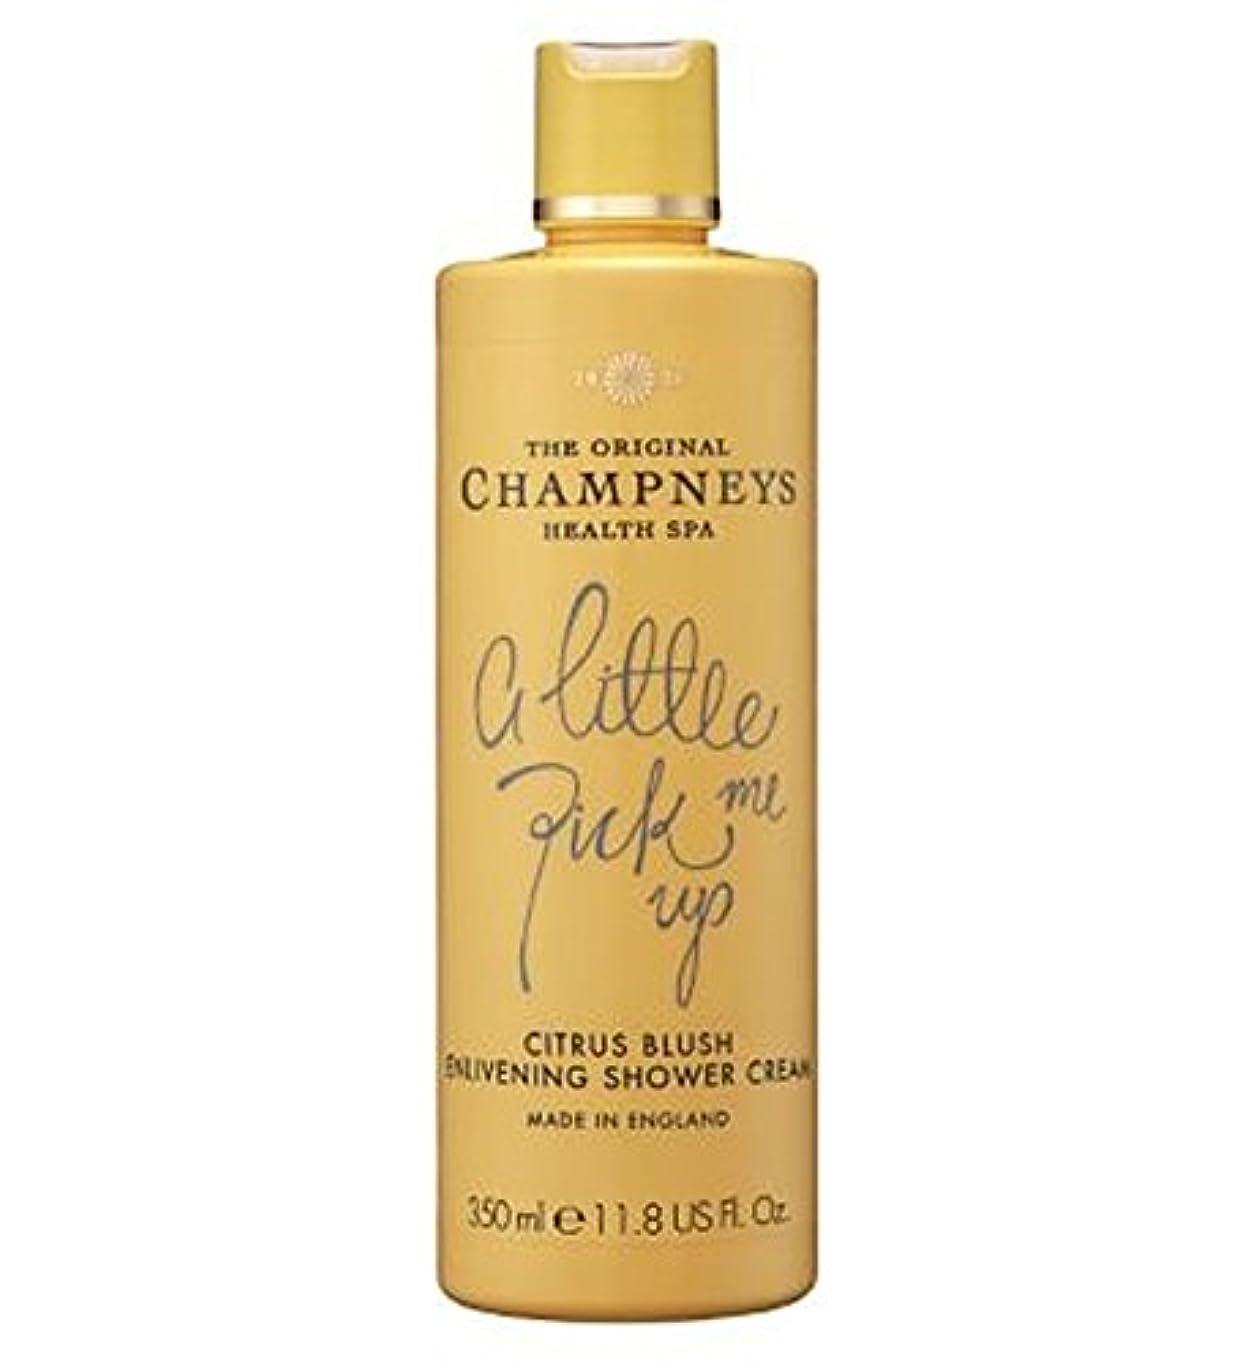 冷蔵する手中にChampneys Citrus Blush Enlivening Shower Cream 350ml - チャンプニーズシトラス赤面盛り上げシャワークリーム350ミリリットル (Champneys) [並行輸入品]